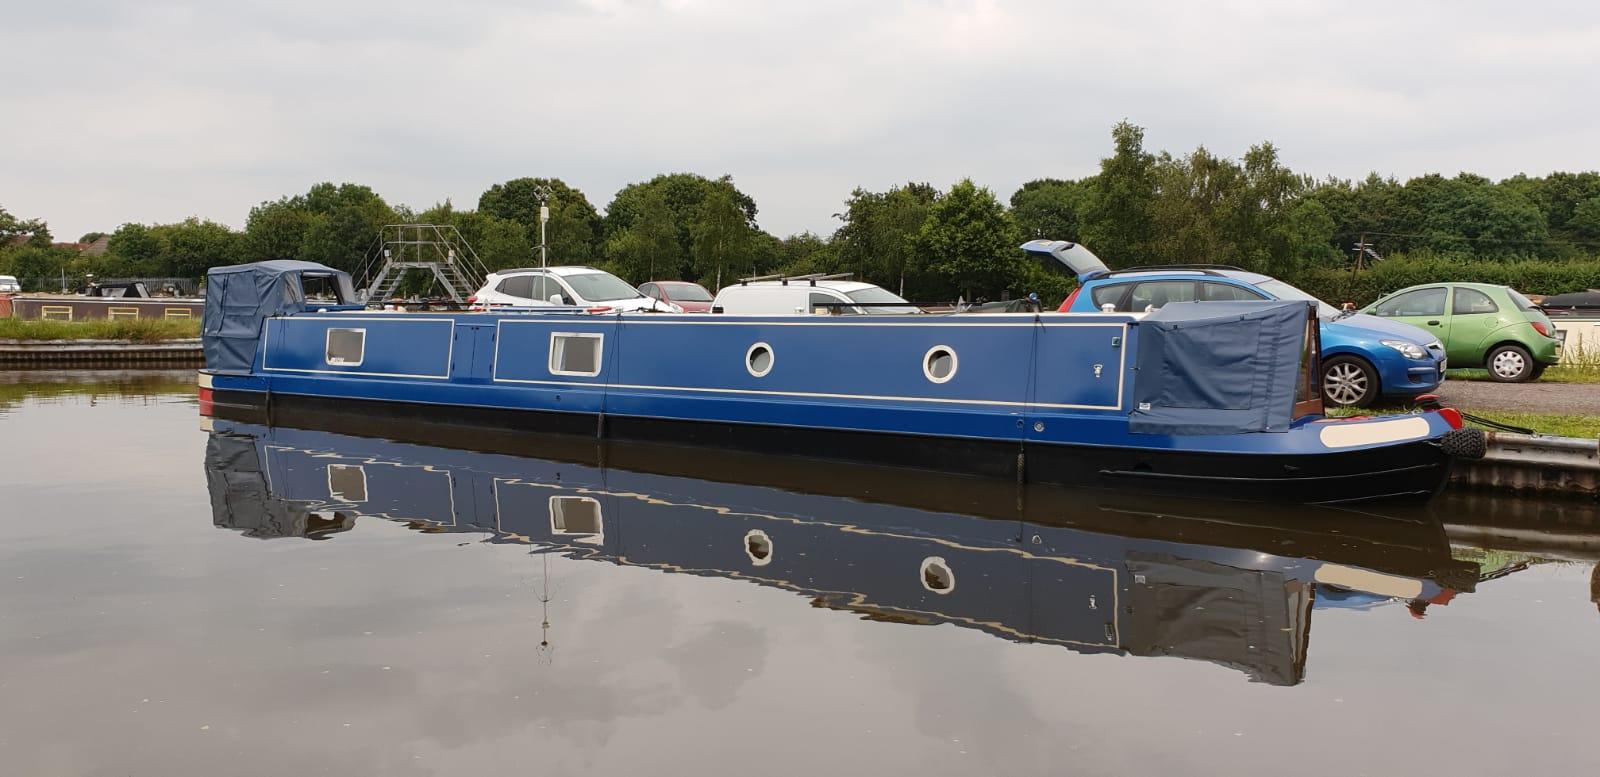 Narrowboat Renovation